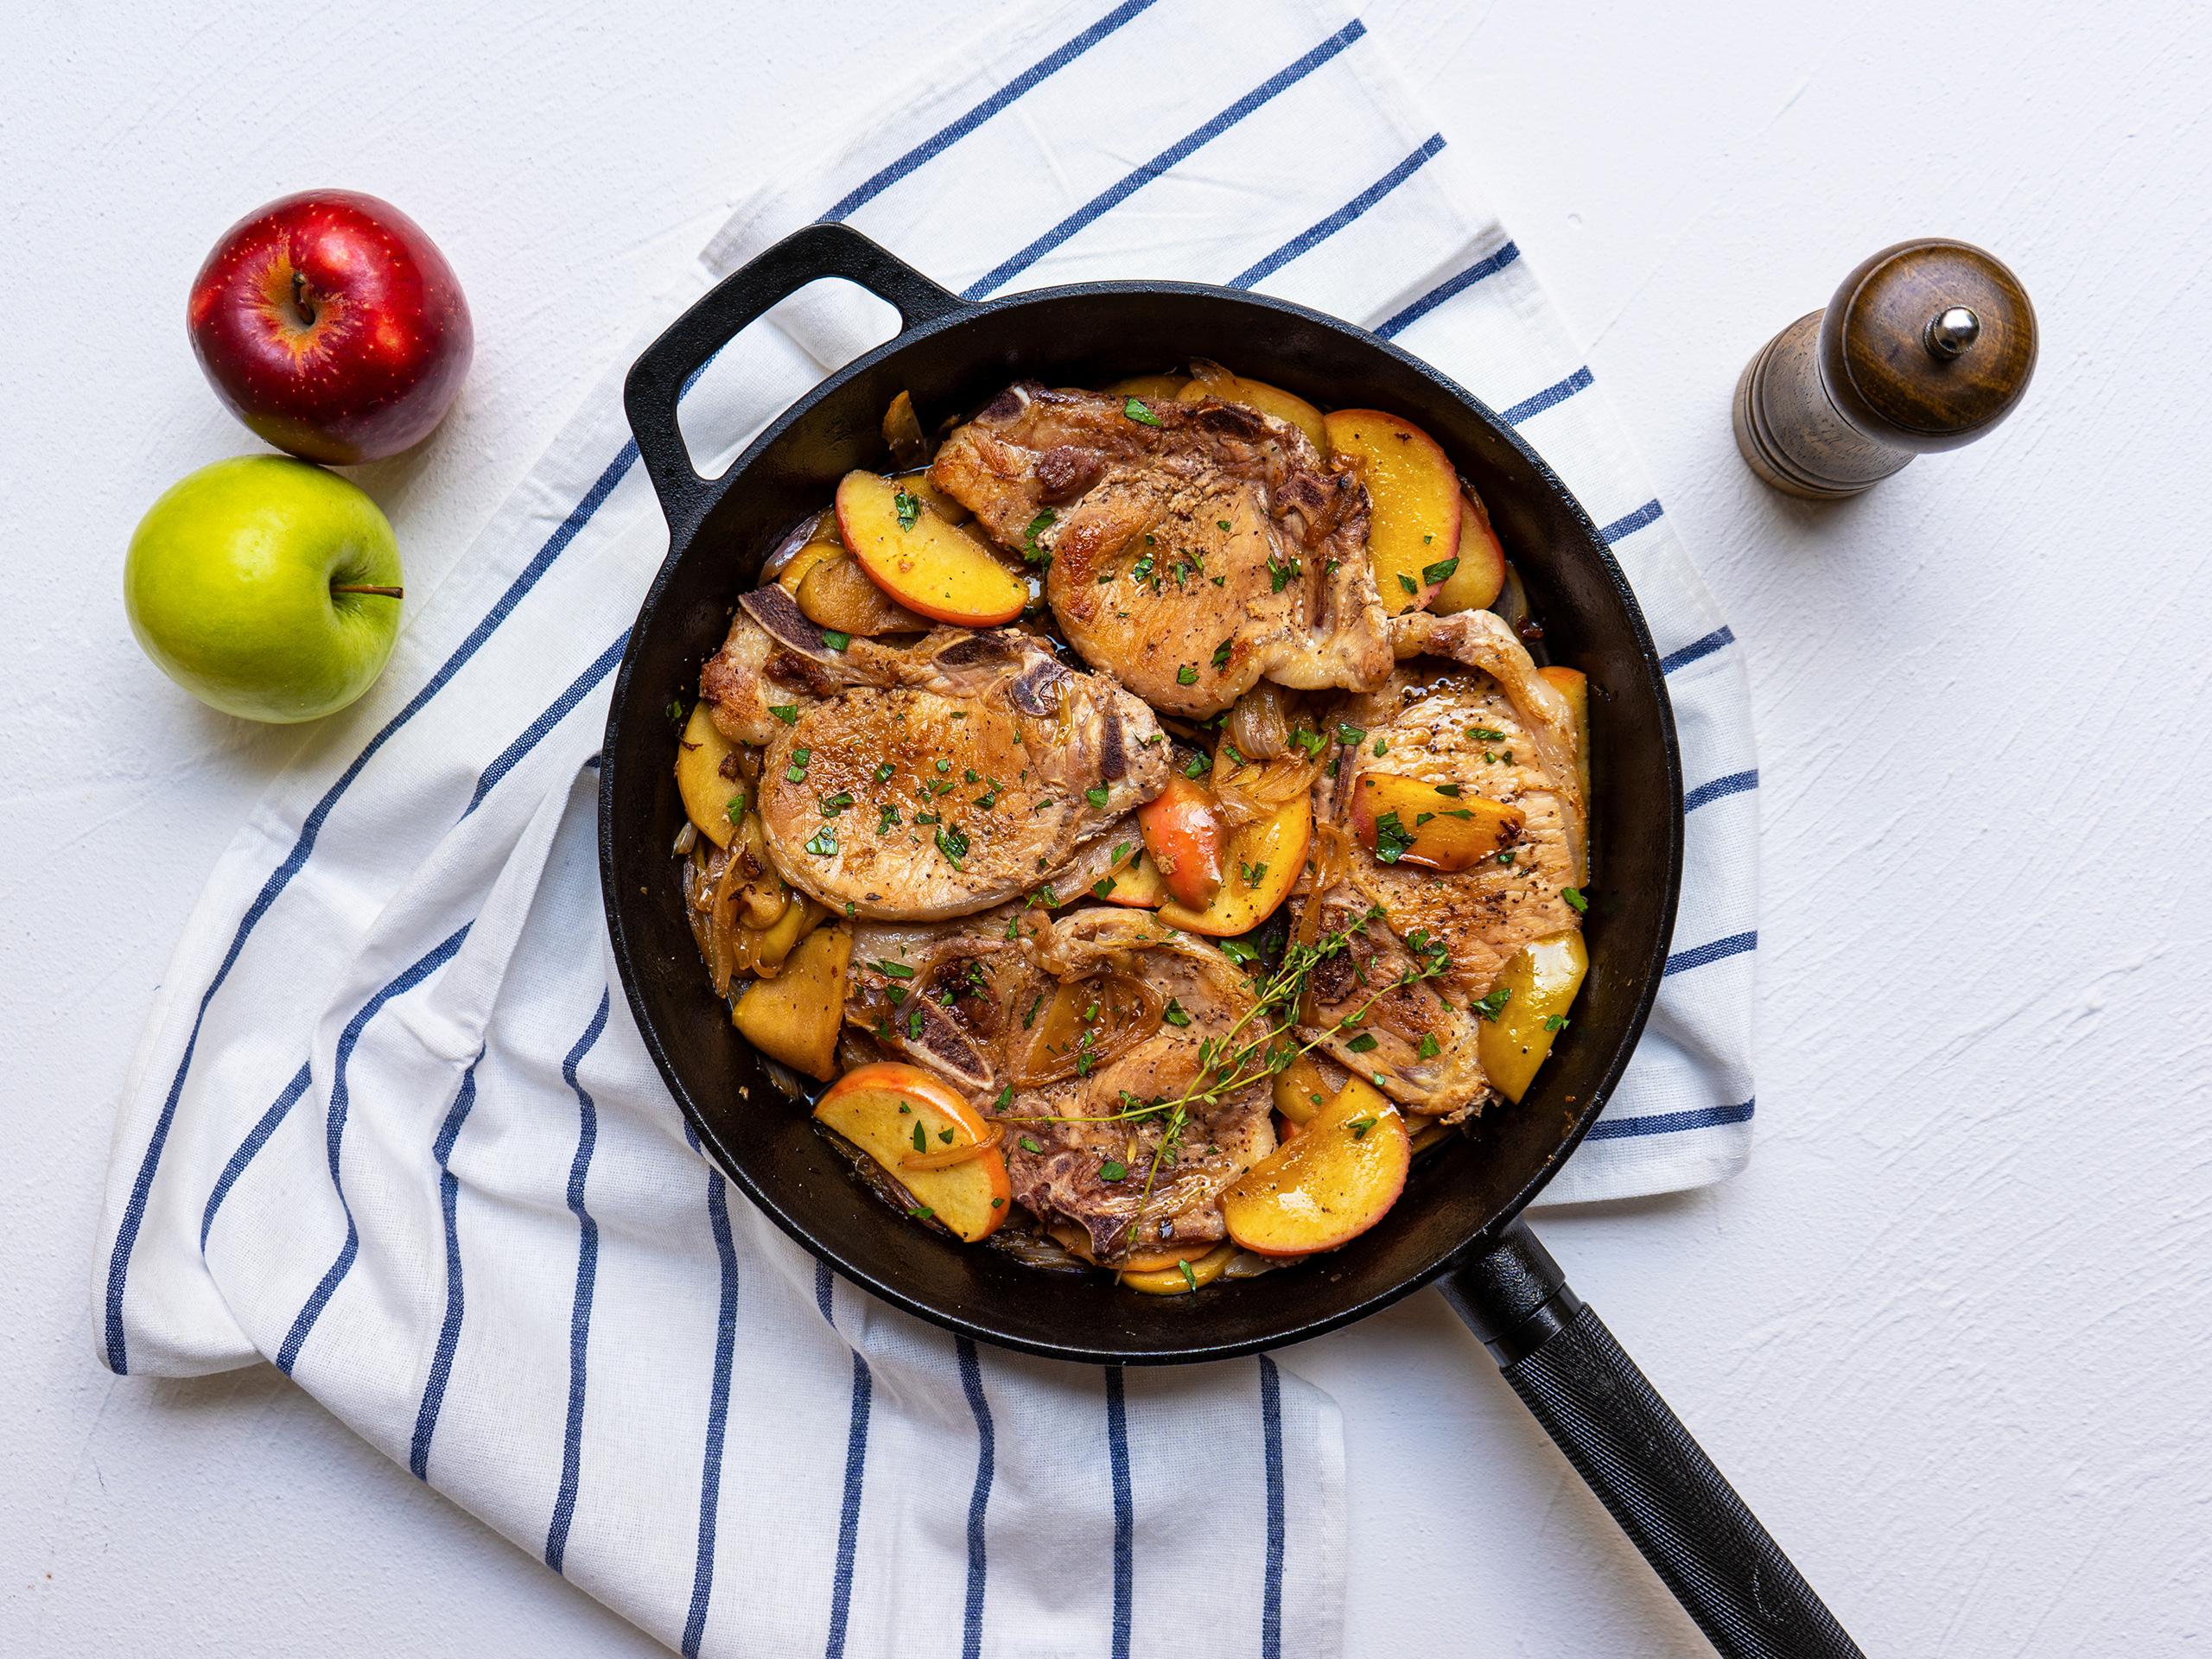 煎猪排配焦糖苹果和洋葱 菜谱   赛厨易